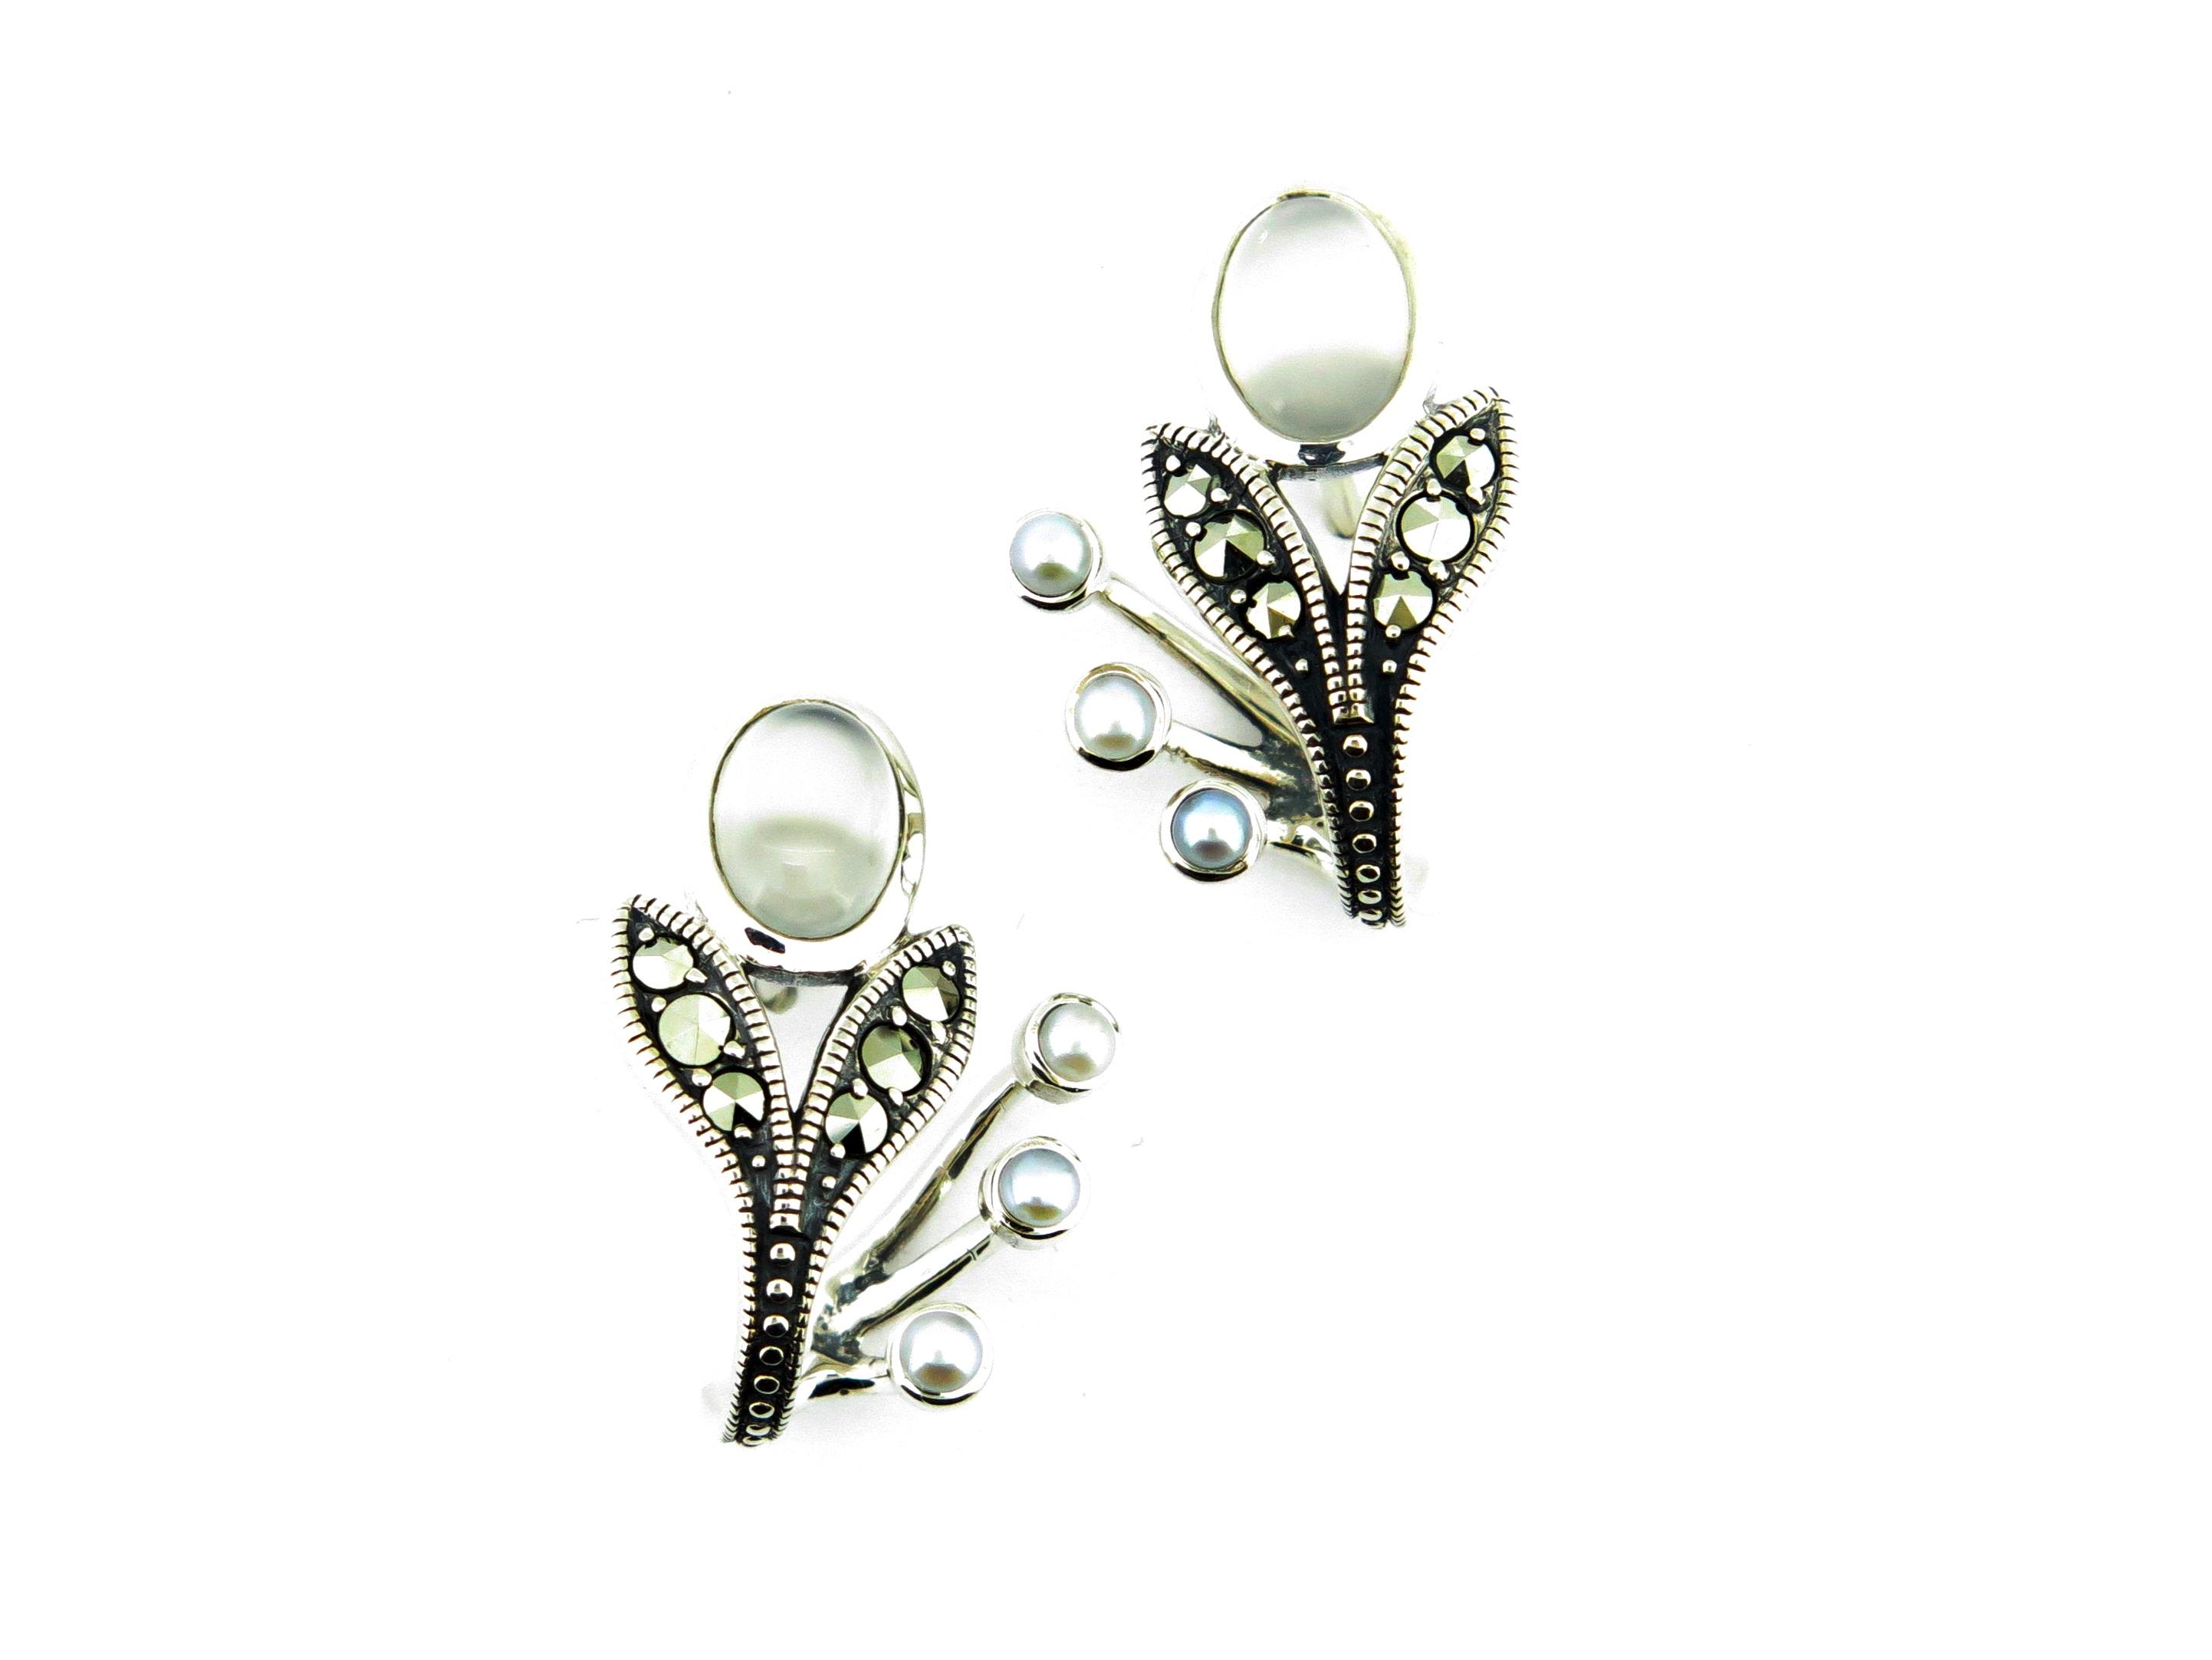 Moonstone & Seed Pearl Earrings MJ19357